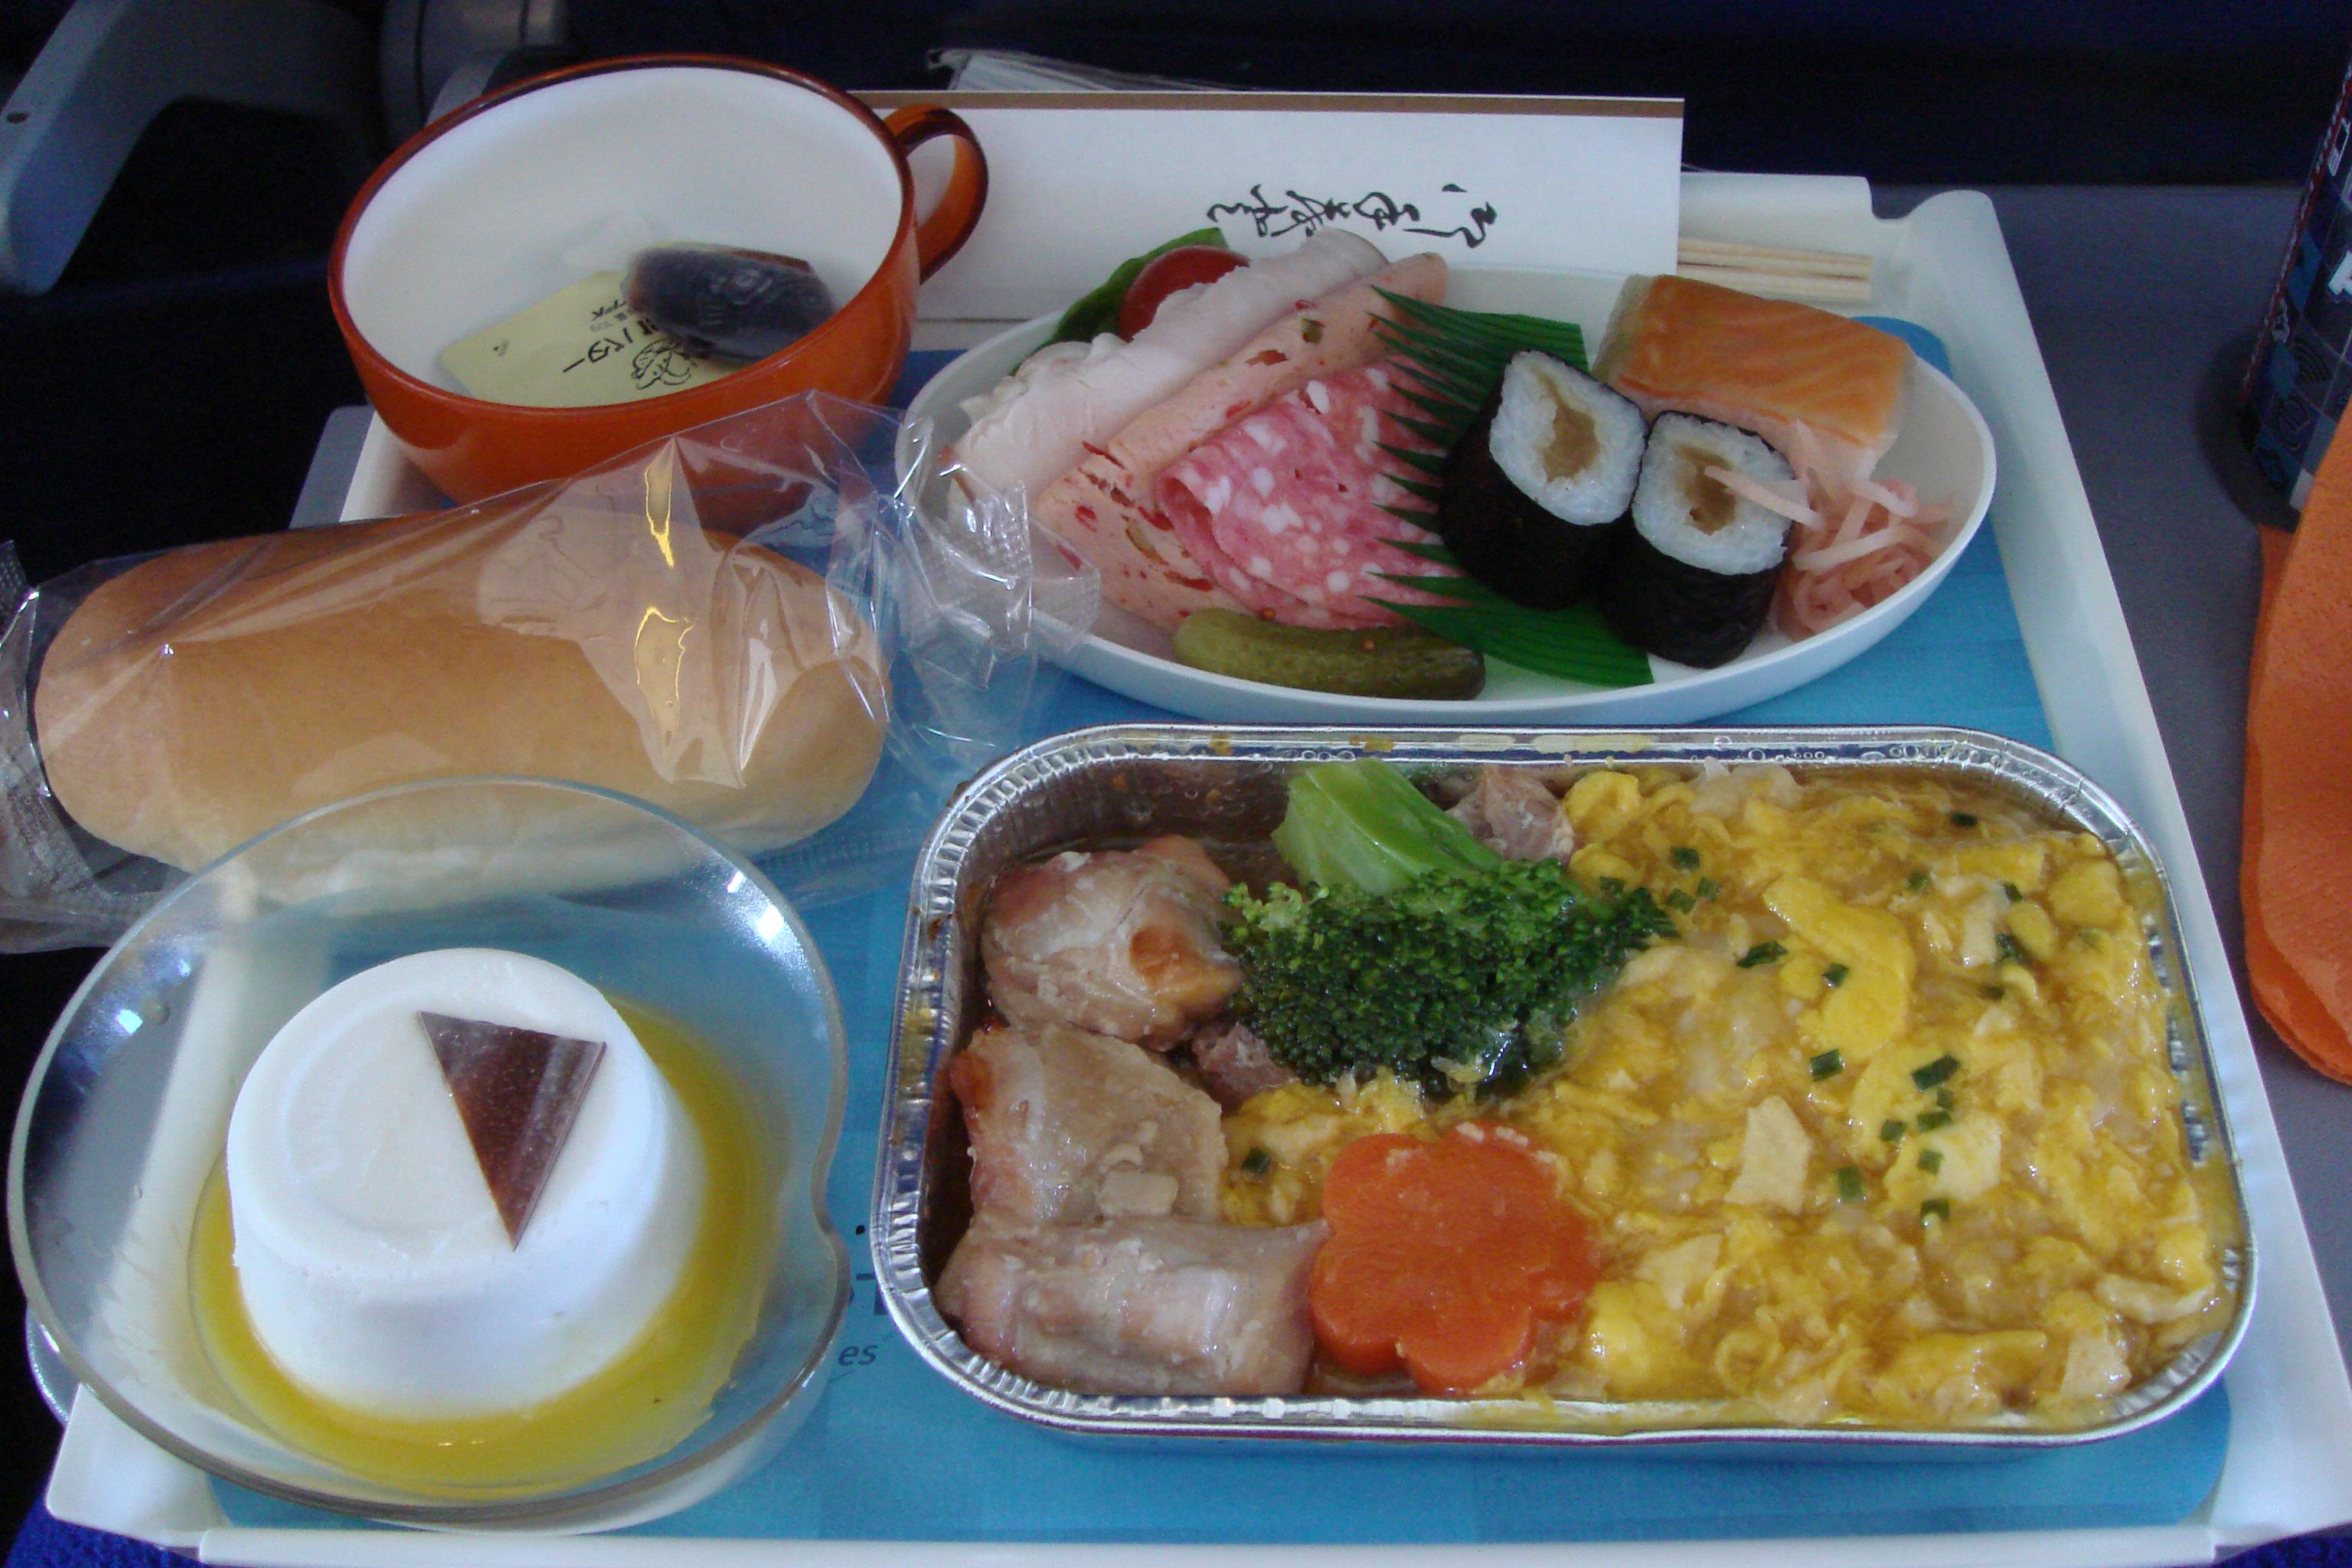 ヨーロッパ・アウトレットでお買い物♪アエロフロート・ロシアの機内食